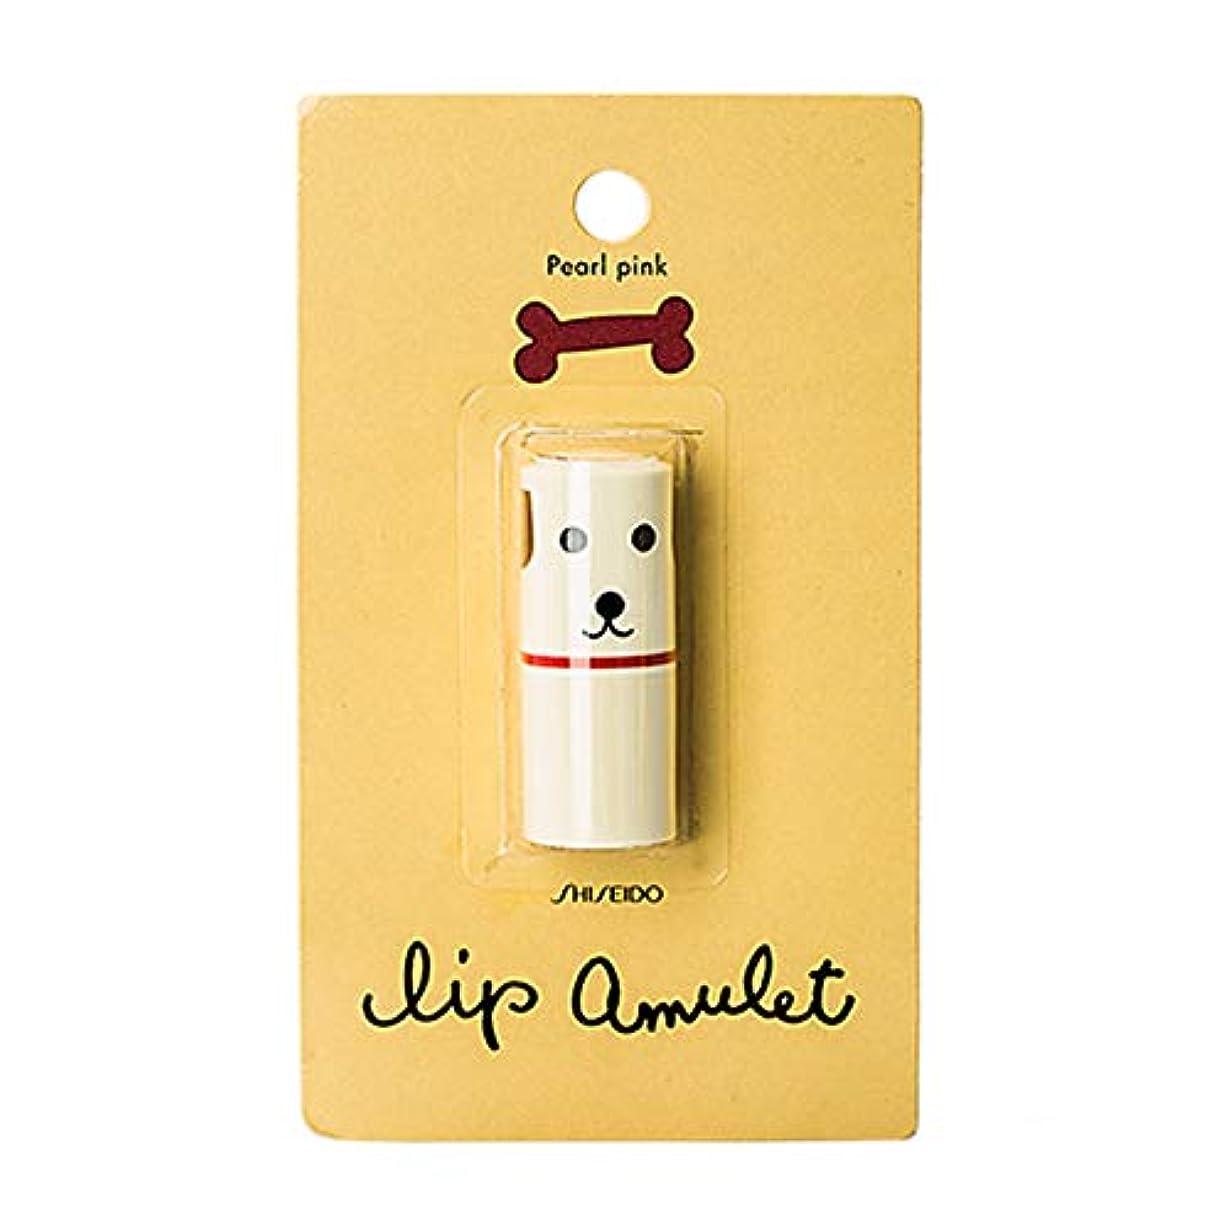 発揮する調整する禁止する【台湾限定】資生堂 Shiseido リップアミュレット Lip Amulet お土産 コスメ 色つきリップ 単品 珍珠粉紅 (パールピンク) [並行輸入品]